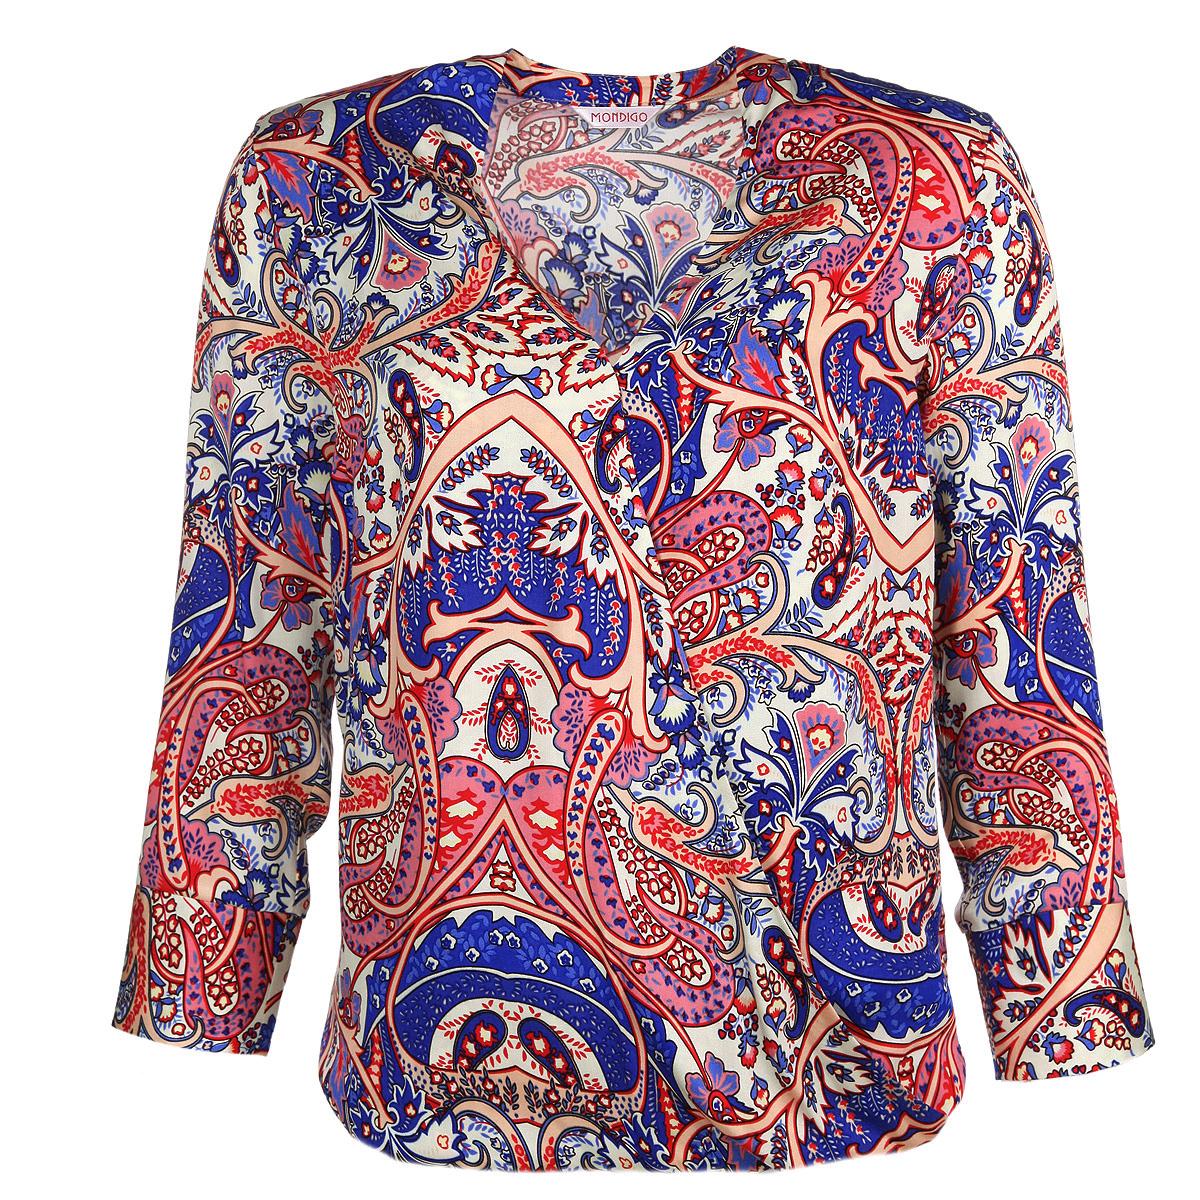 Блузка женская. 5114-15114-1Стильная блузка Mondigo выполнена из мягкой и приятной на ощупь вискозы с актуальным принтом. Модель свободного кроя с V-образным вырезом горловины, эффектом запаха на груди и рукавами длиной 3/4. Рукава дополнены отложными манжетами. Такая блузка будет удачно гармонировать с любыми предметами гардероба и позволит создать множество ярких образов.